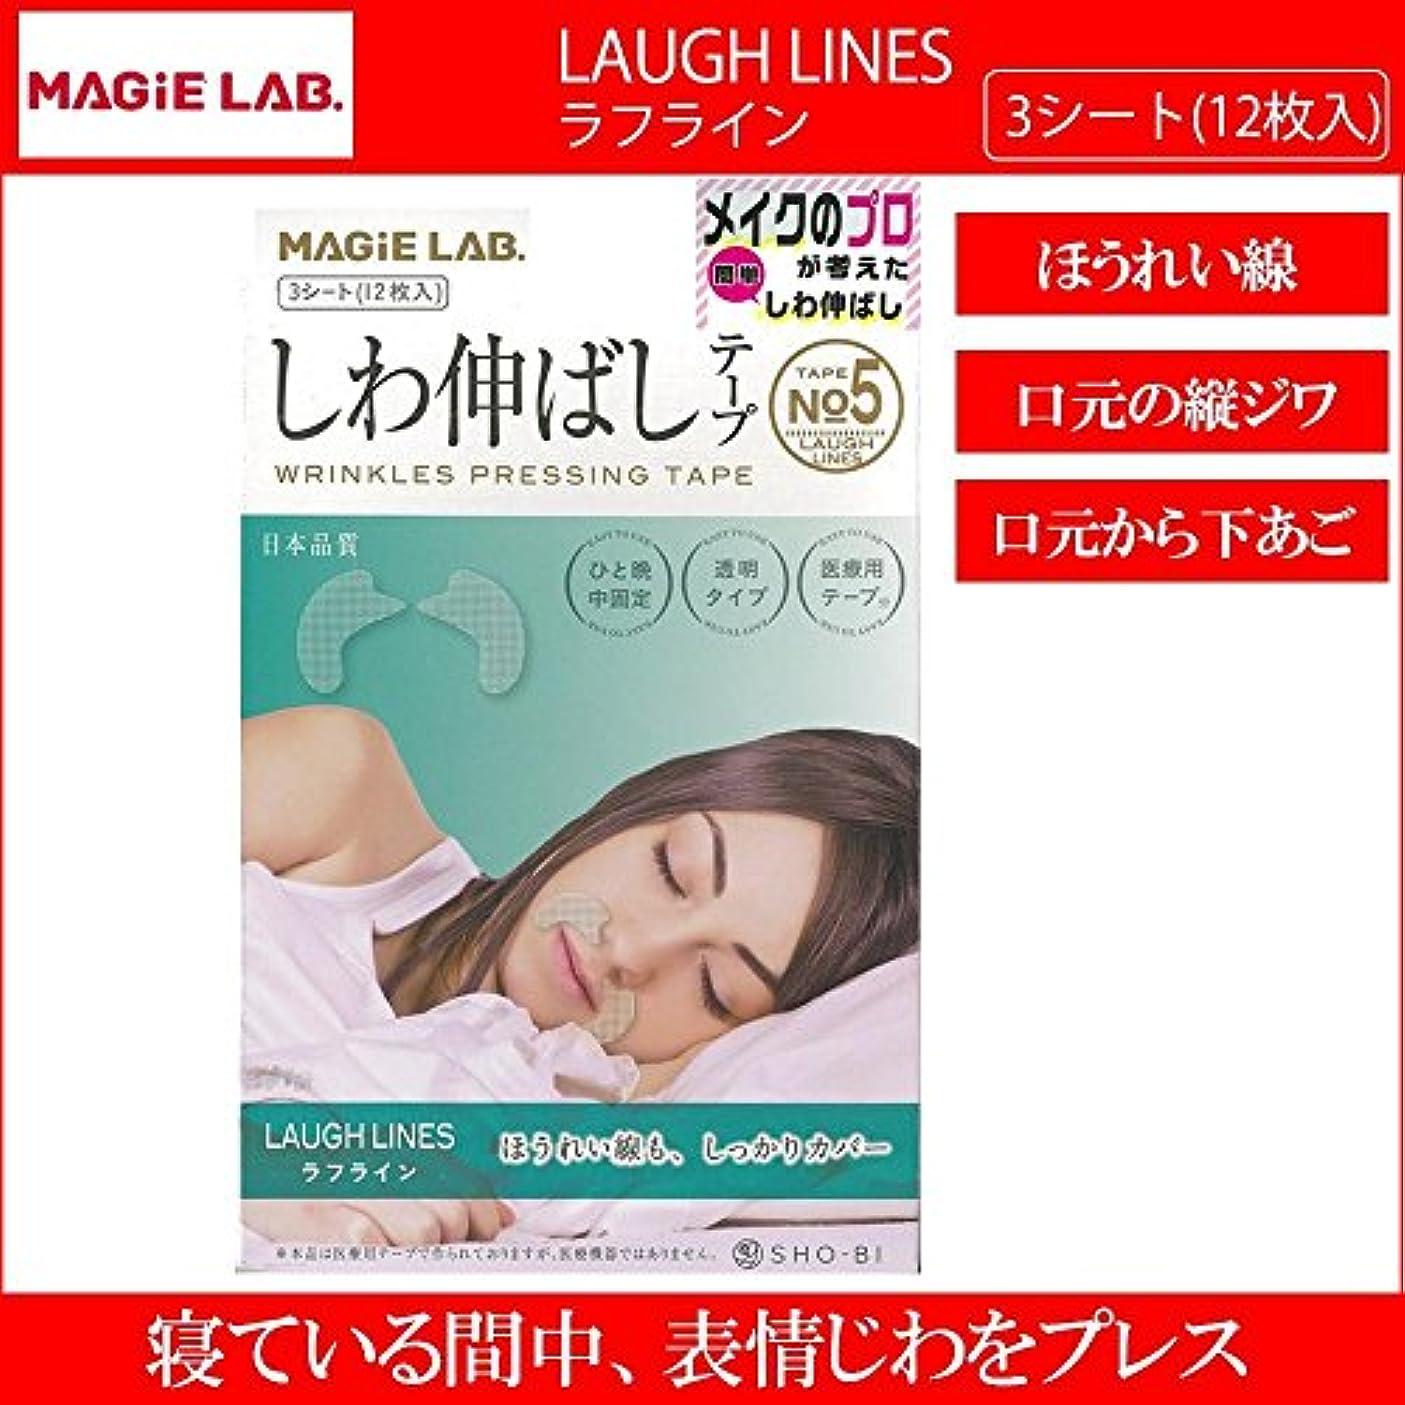 限りなく浸す晩餐MAGiE LAB.(マジラボ) しわ伸ばしテープ NO.5 LAUGH LINES(ラフライン) 3シート(12枚入) MG22149